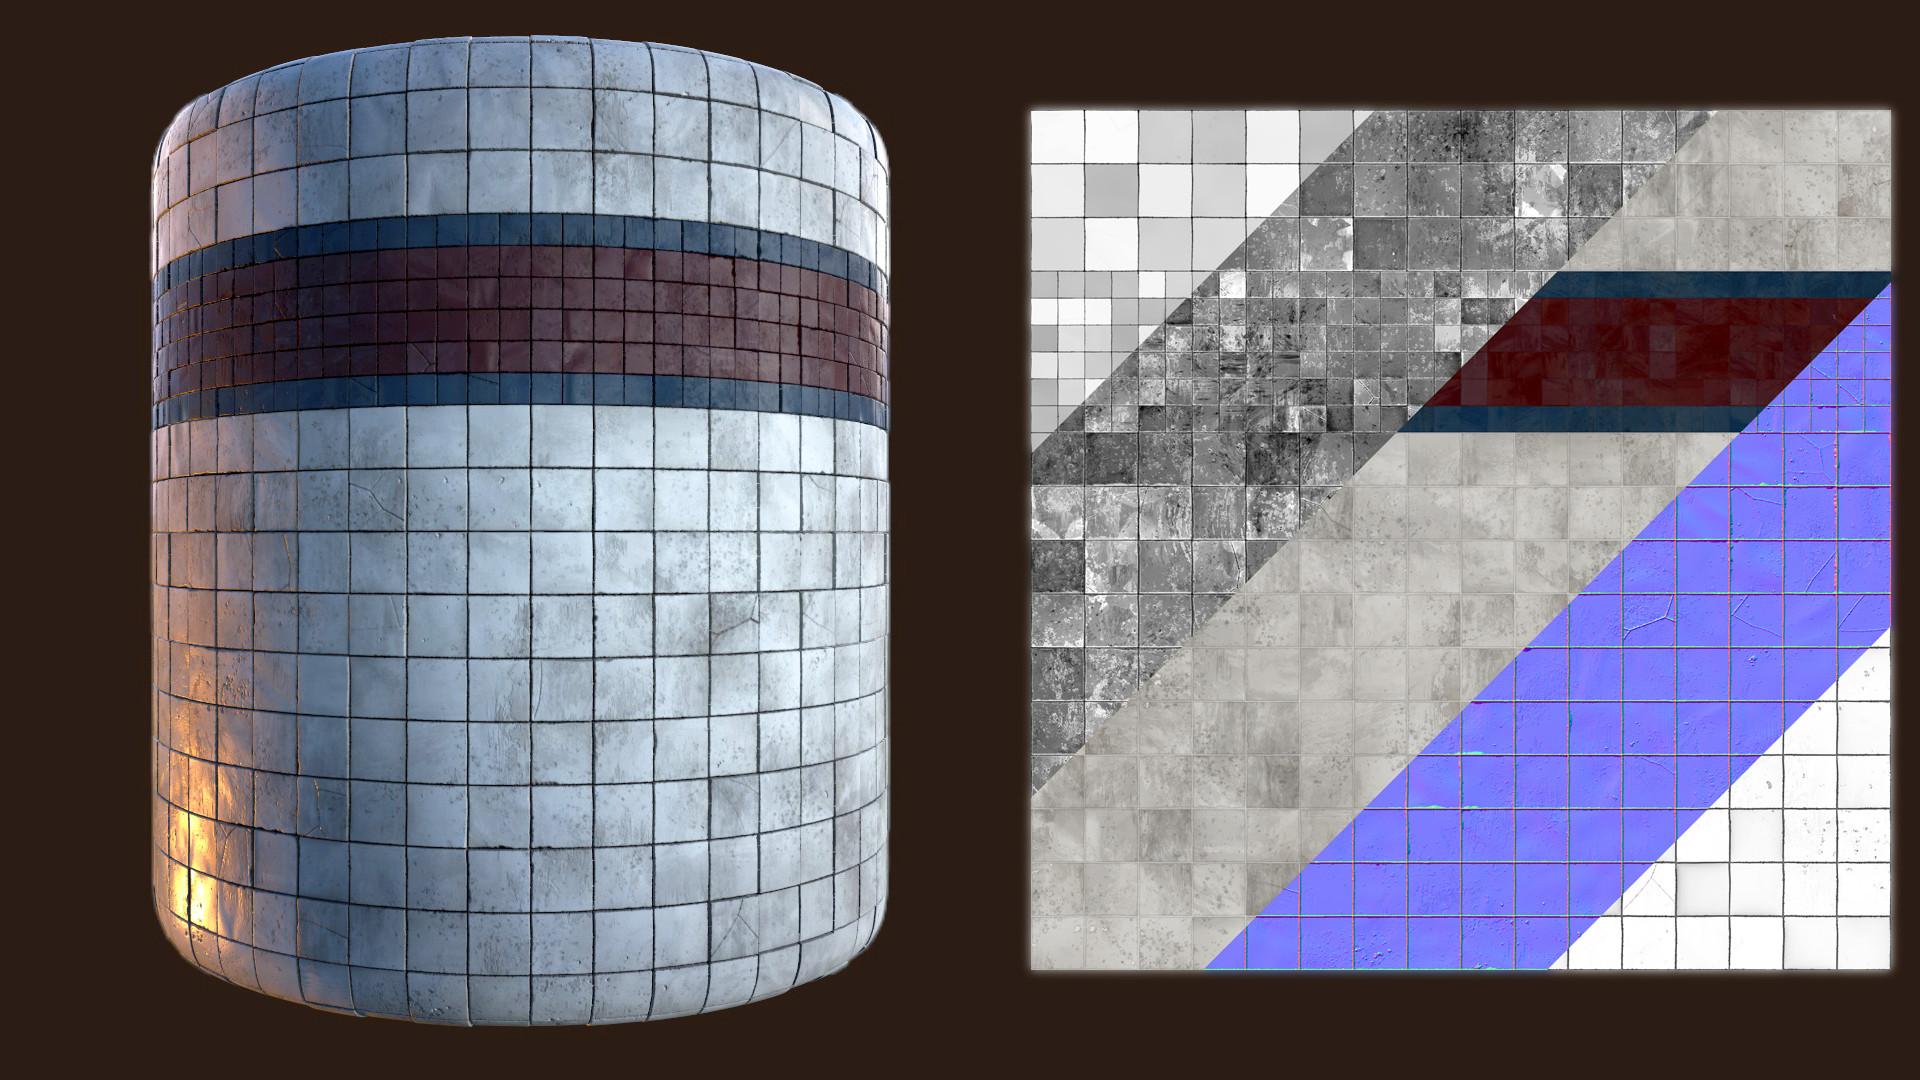 Stefan oprisan texture breakdown